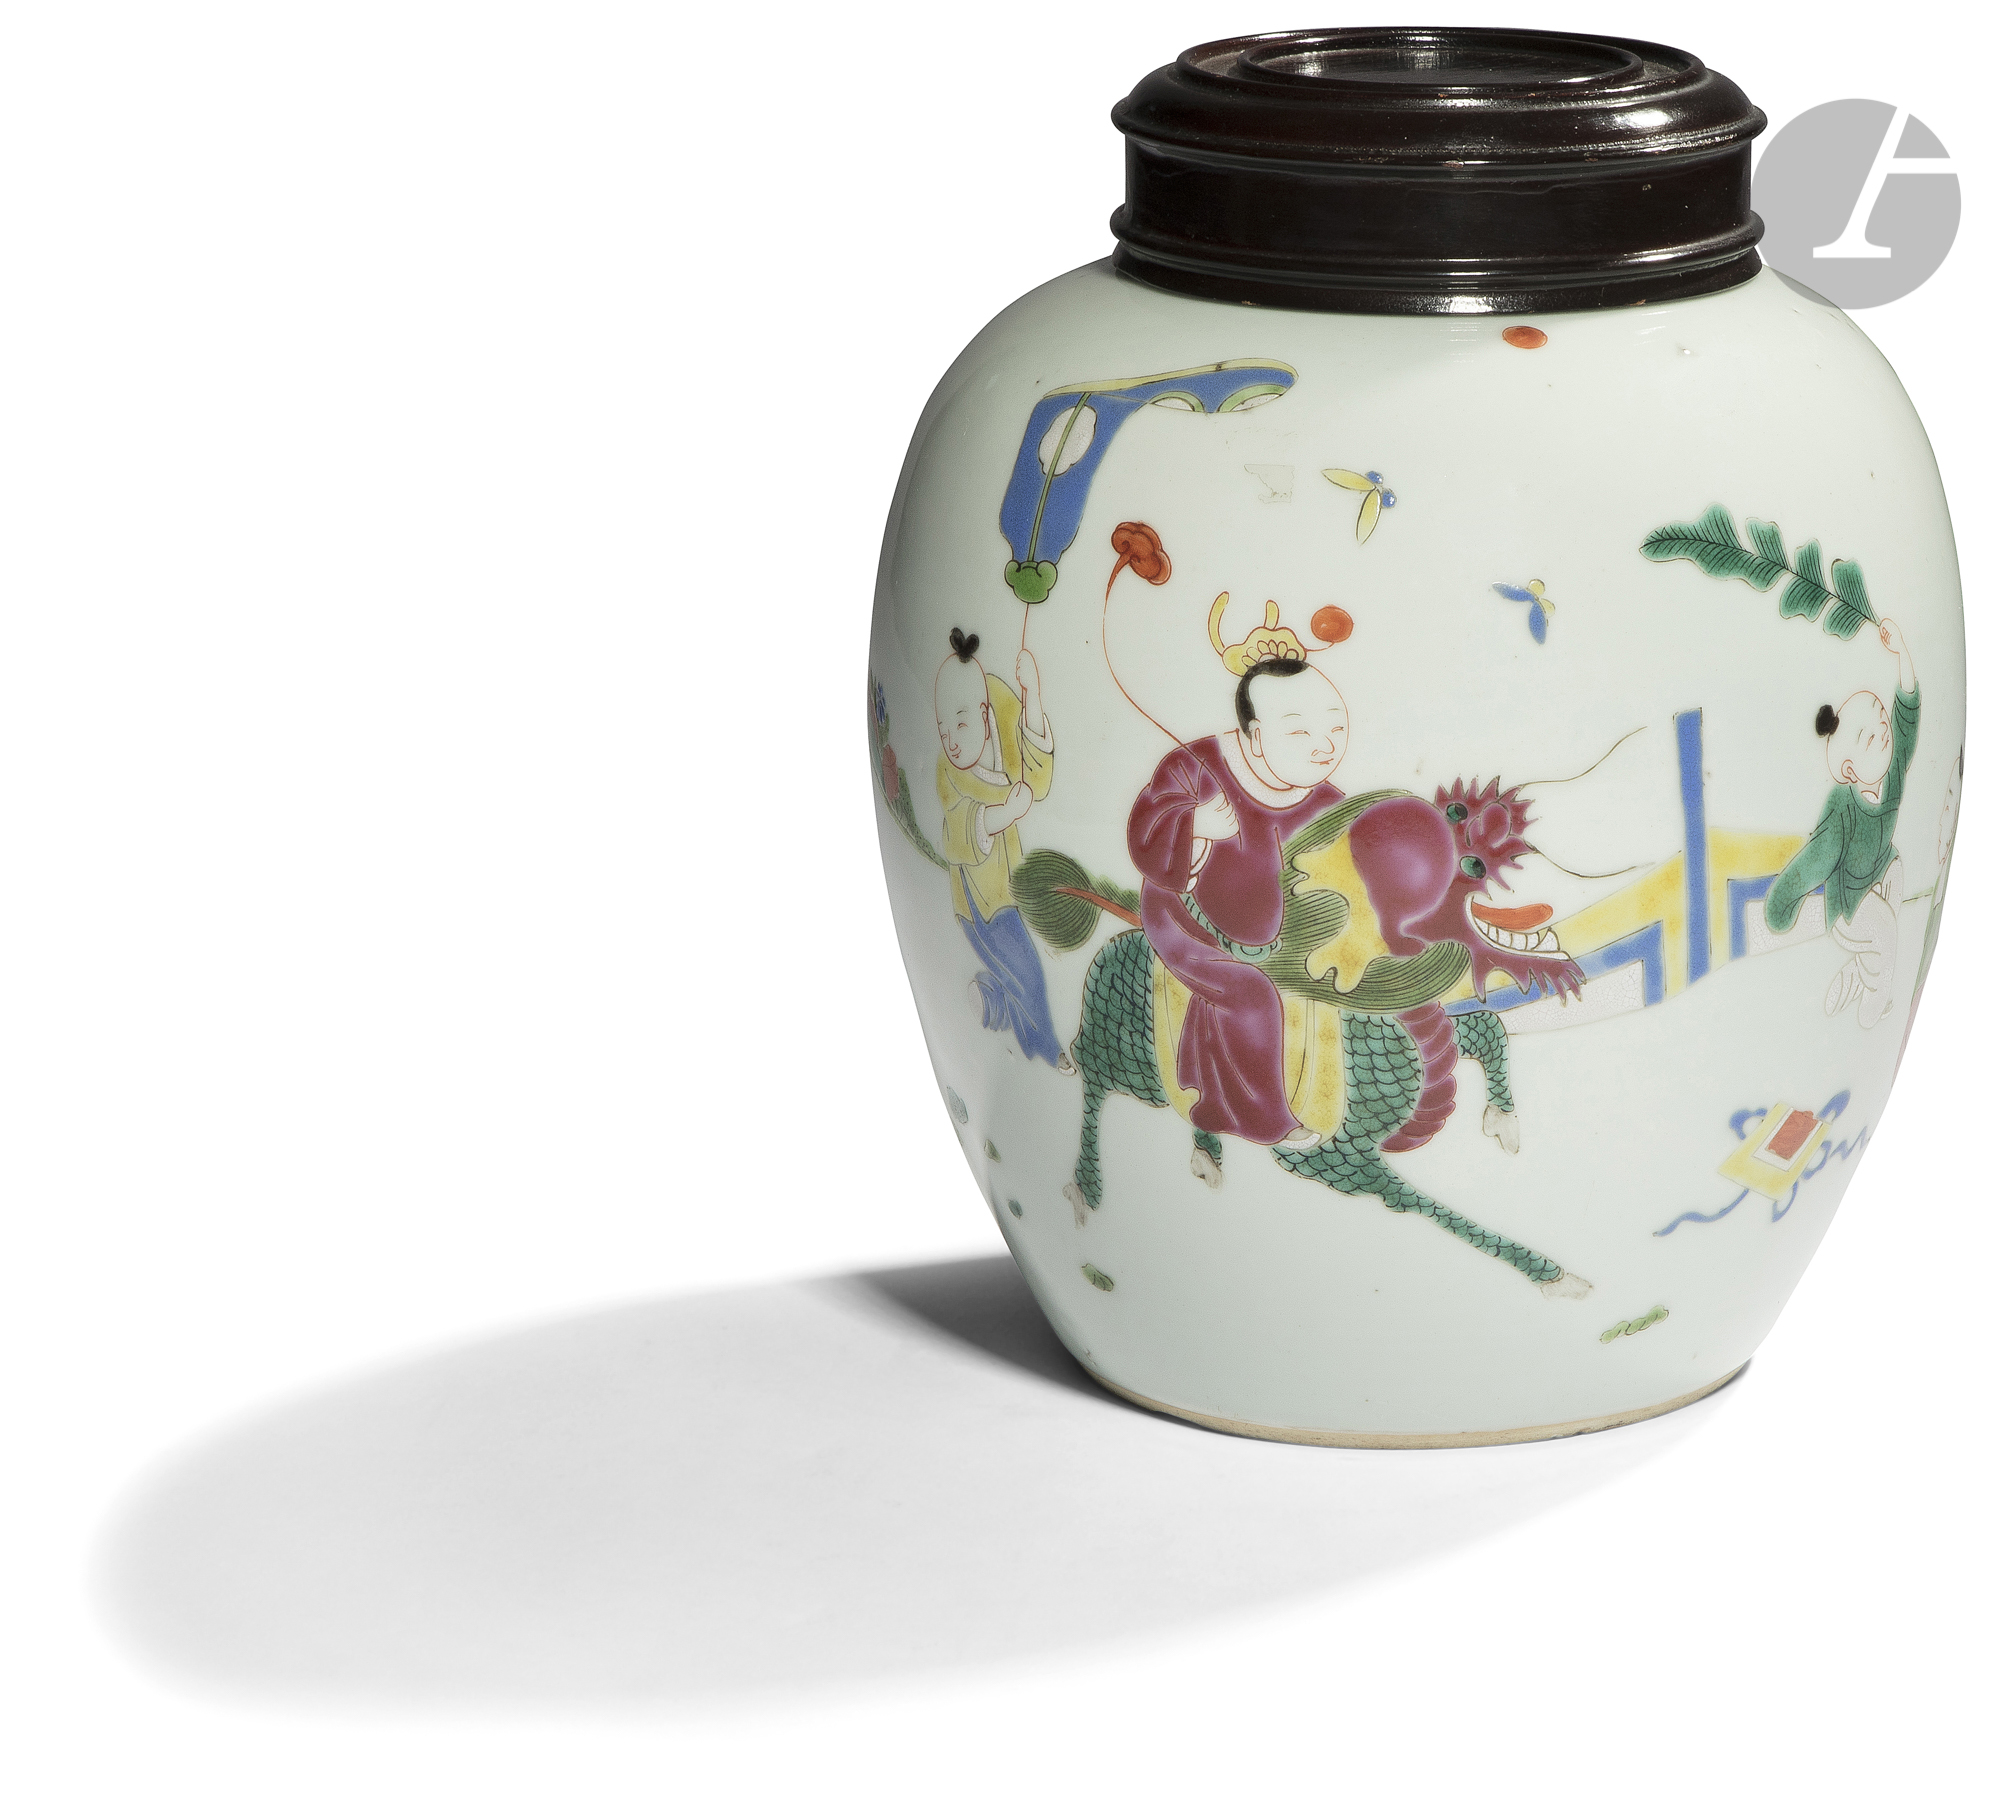 CHINE - XIXe siècle Pot à gingembre en porcelaine blanche émaillée polychrome à décor d'un homme sur